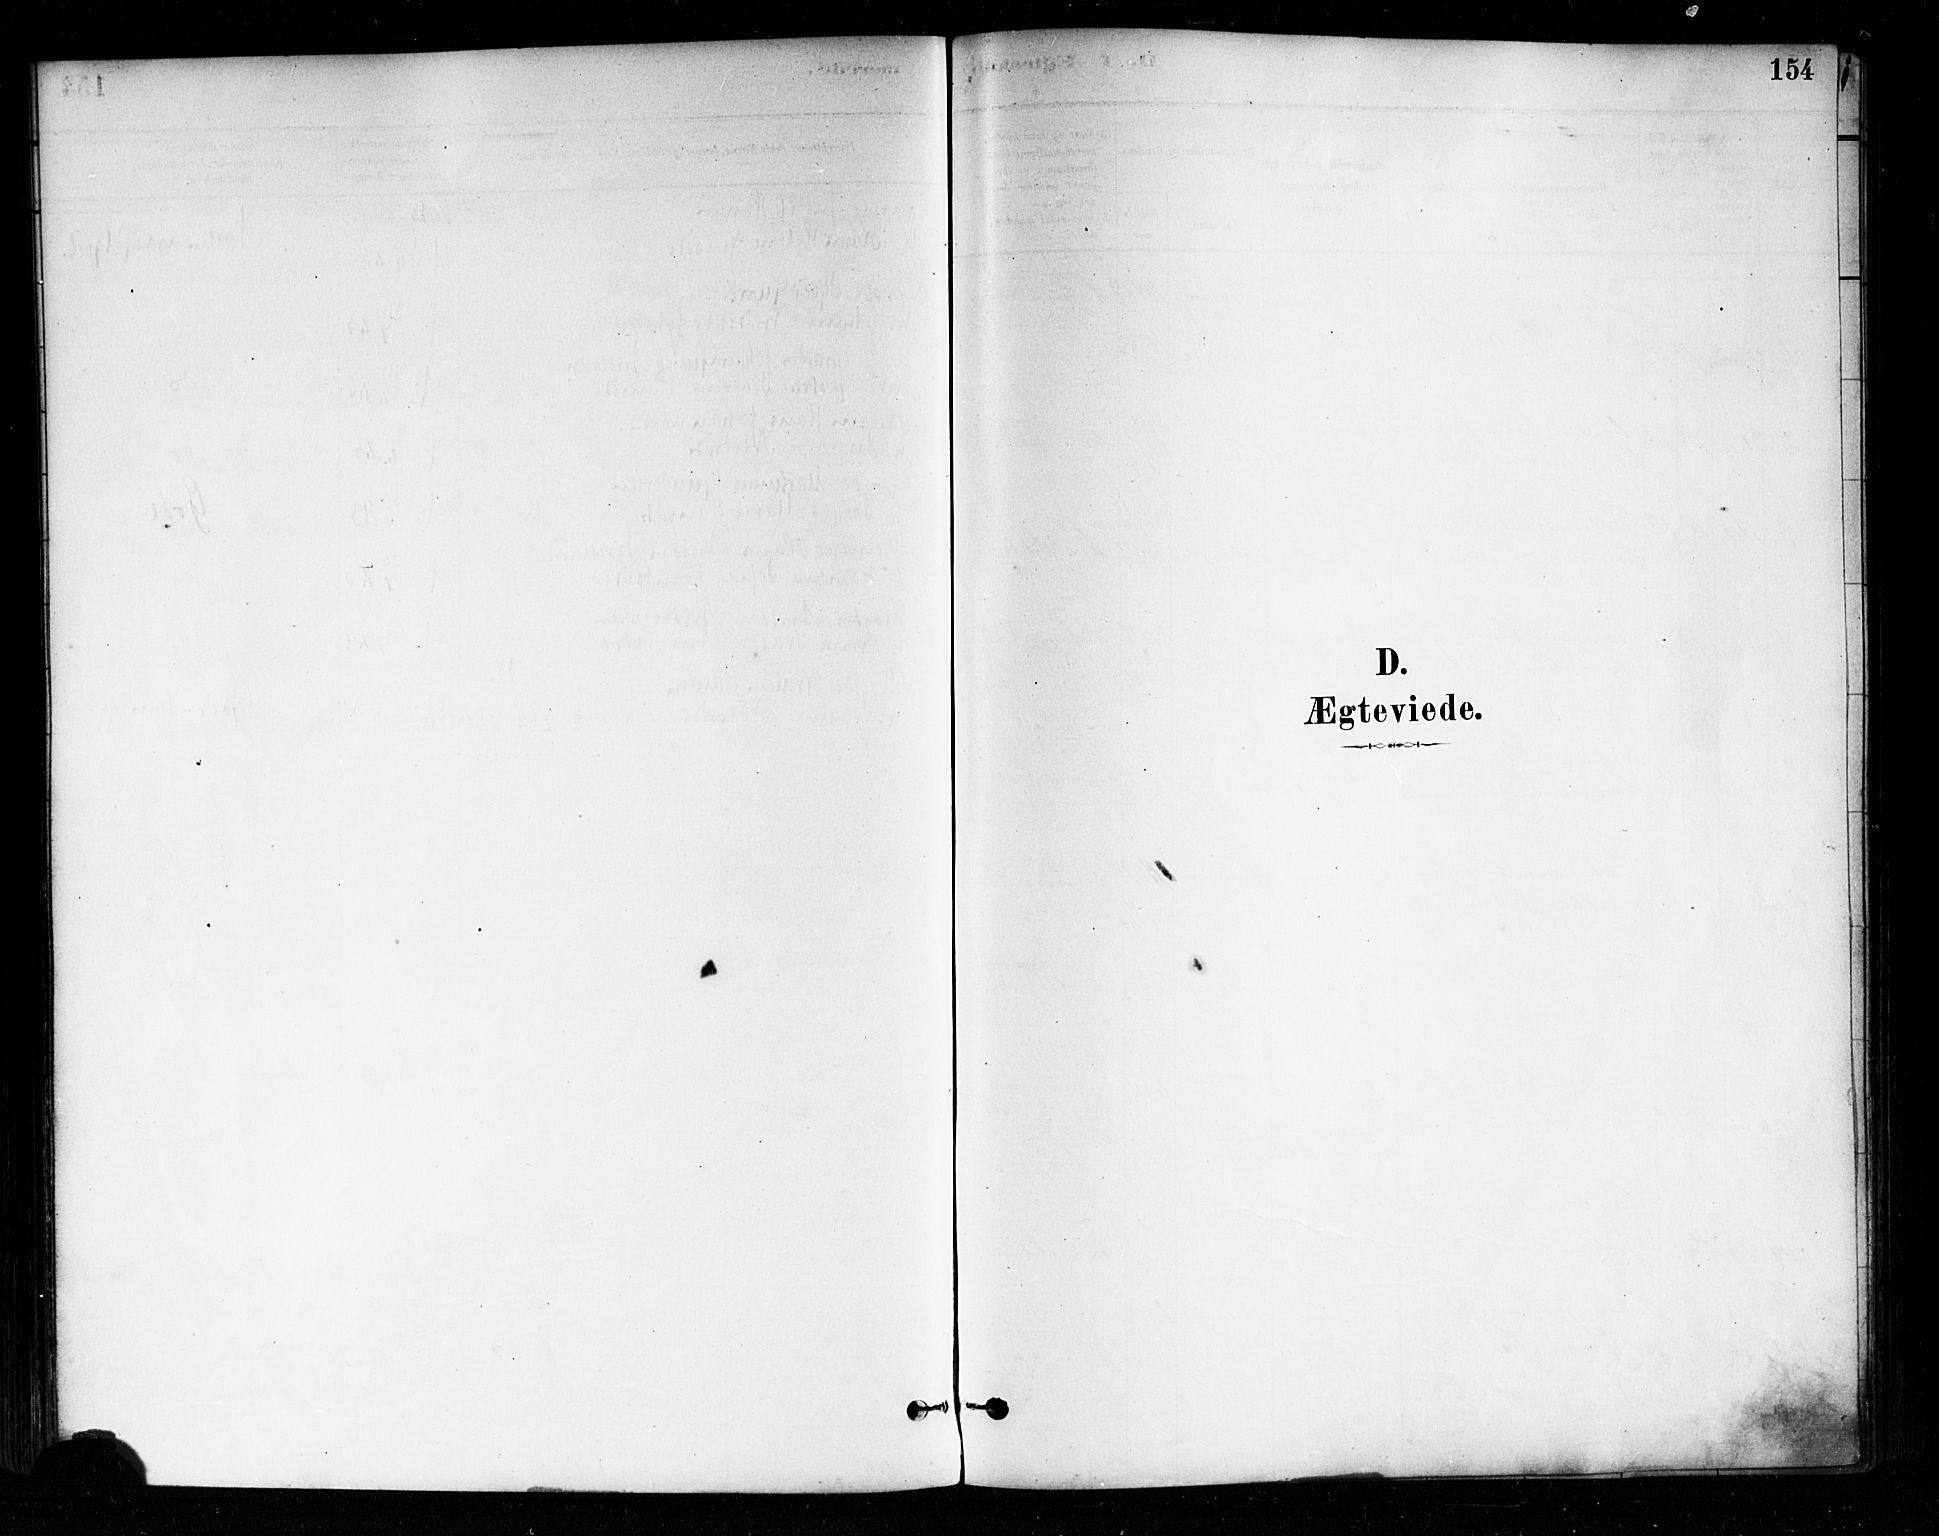 SAO, Askim prestekontor Kirkebøker, F/Fa/L0007: Ministerialbok nr. 7, 1882-1897, s. 154